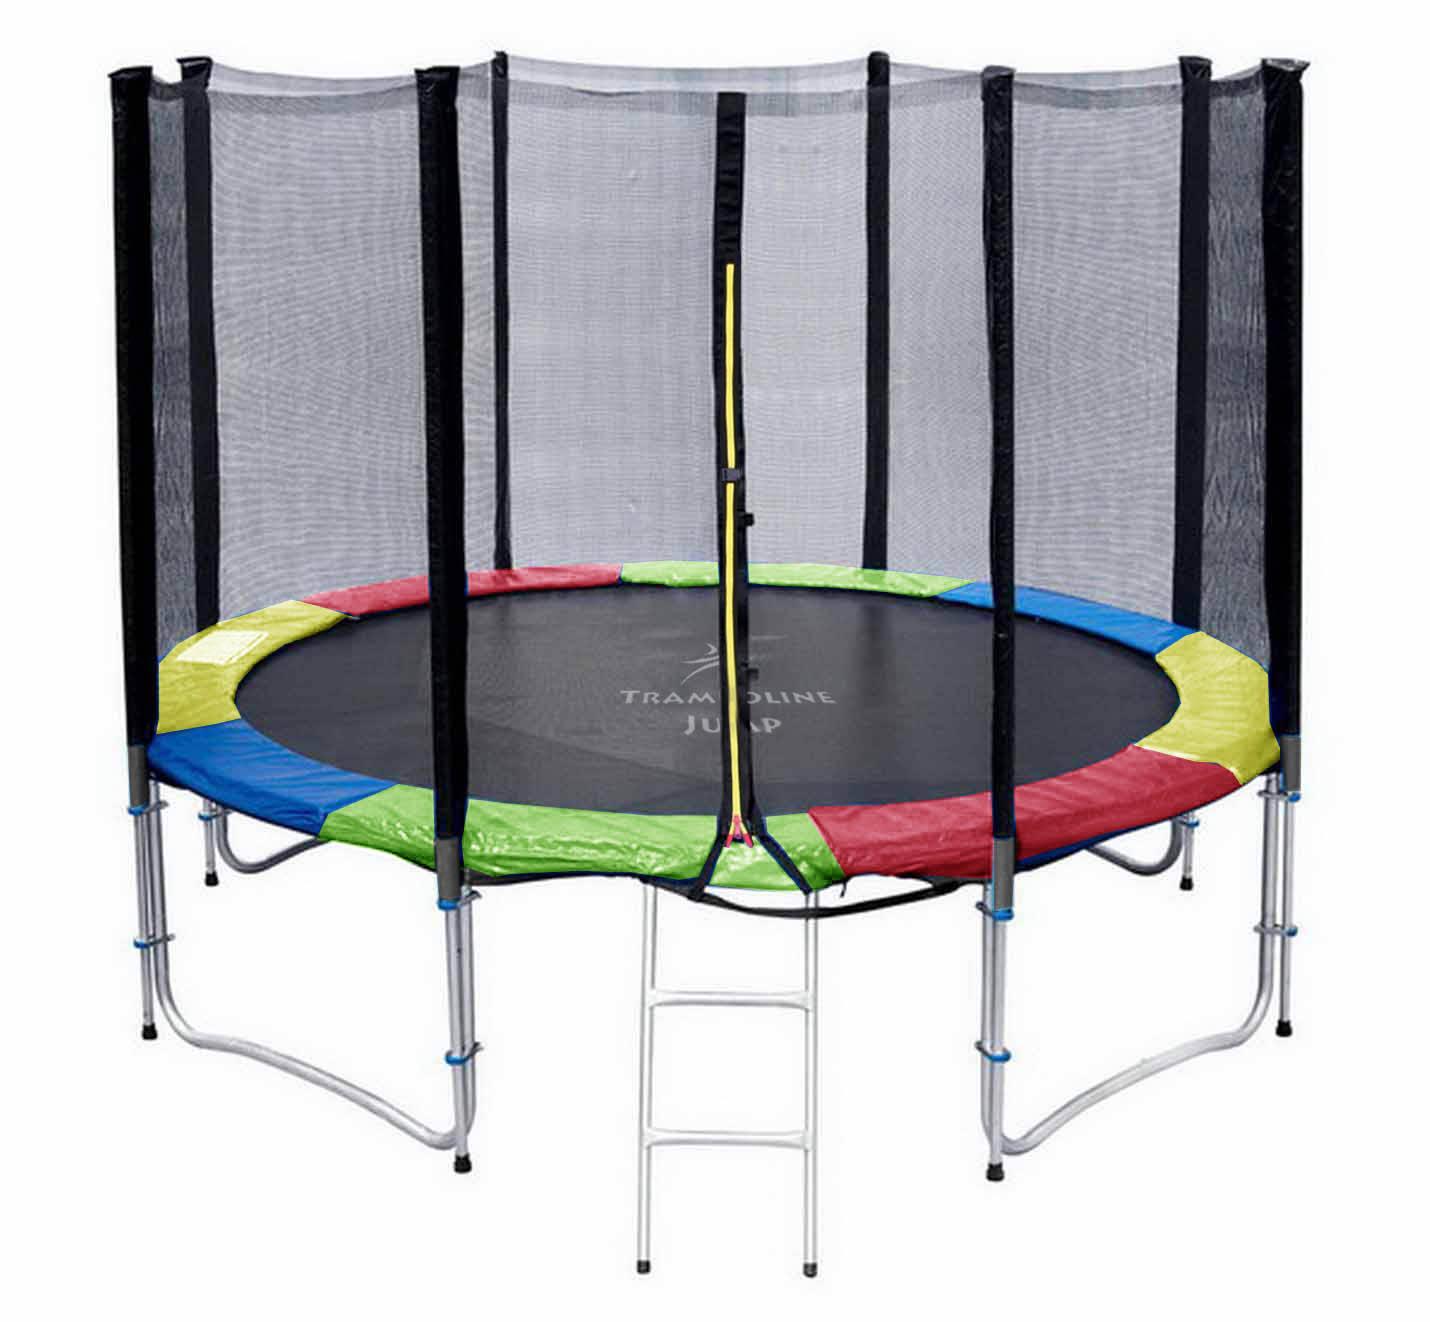 แทรมโพลีน 12 ฟุต สี colorful สปริงบอร์ด trampoline เครื่องออกกำลังกายเพิ่มความสูง สำหรับ 5 คน